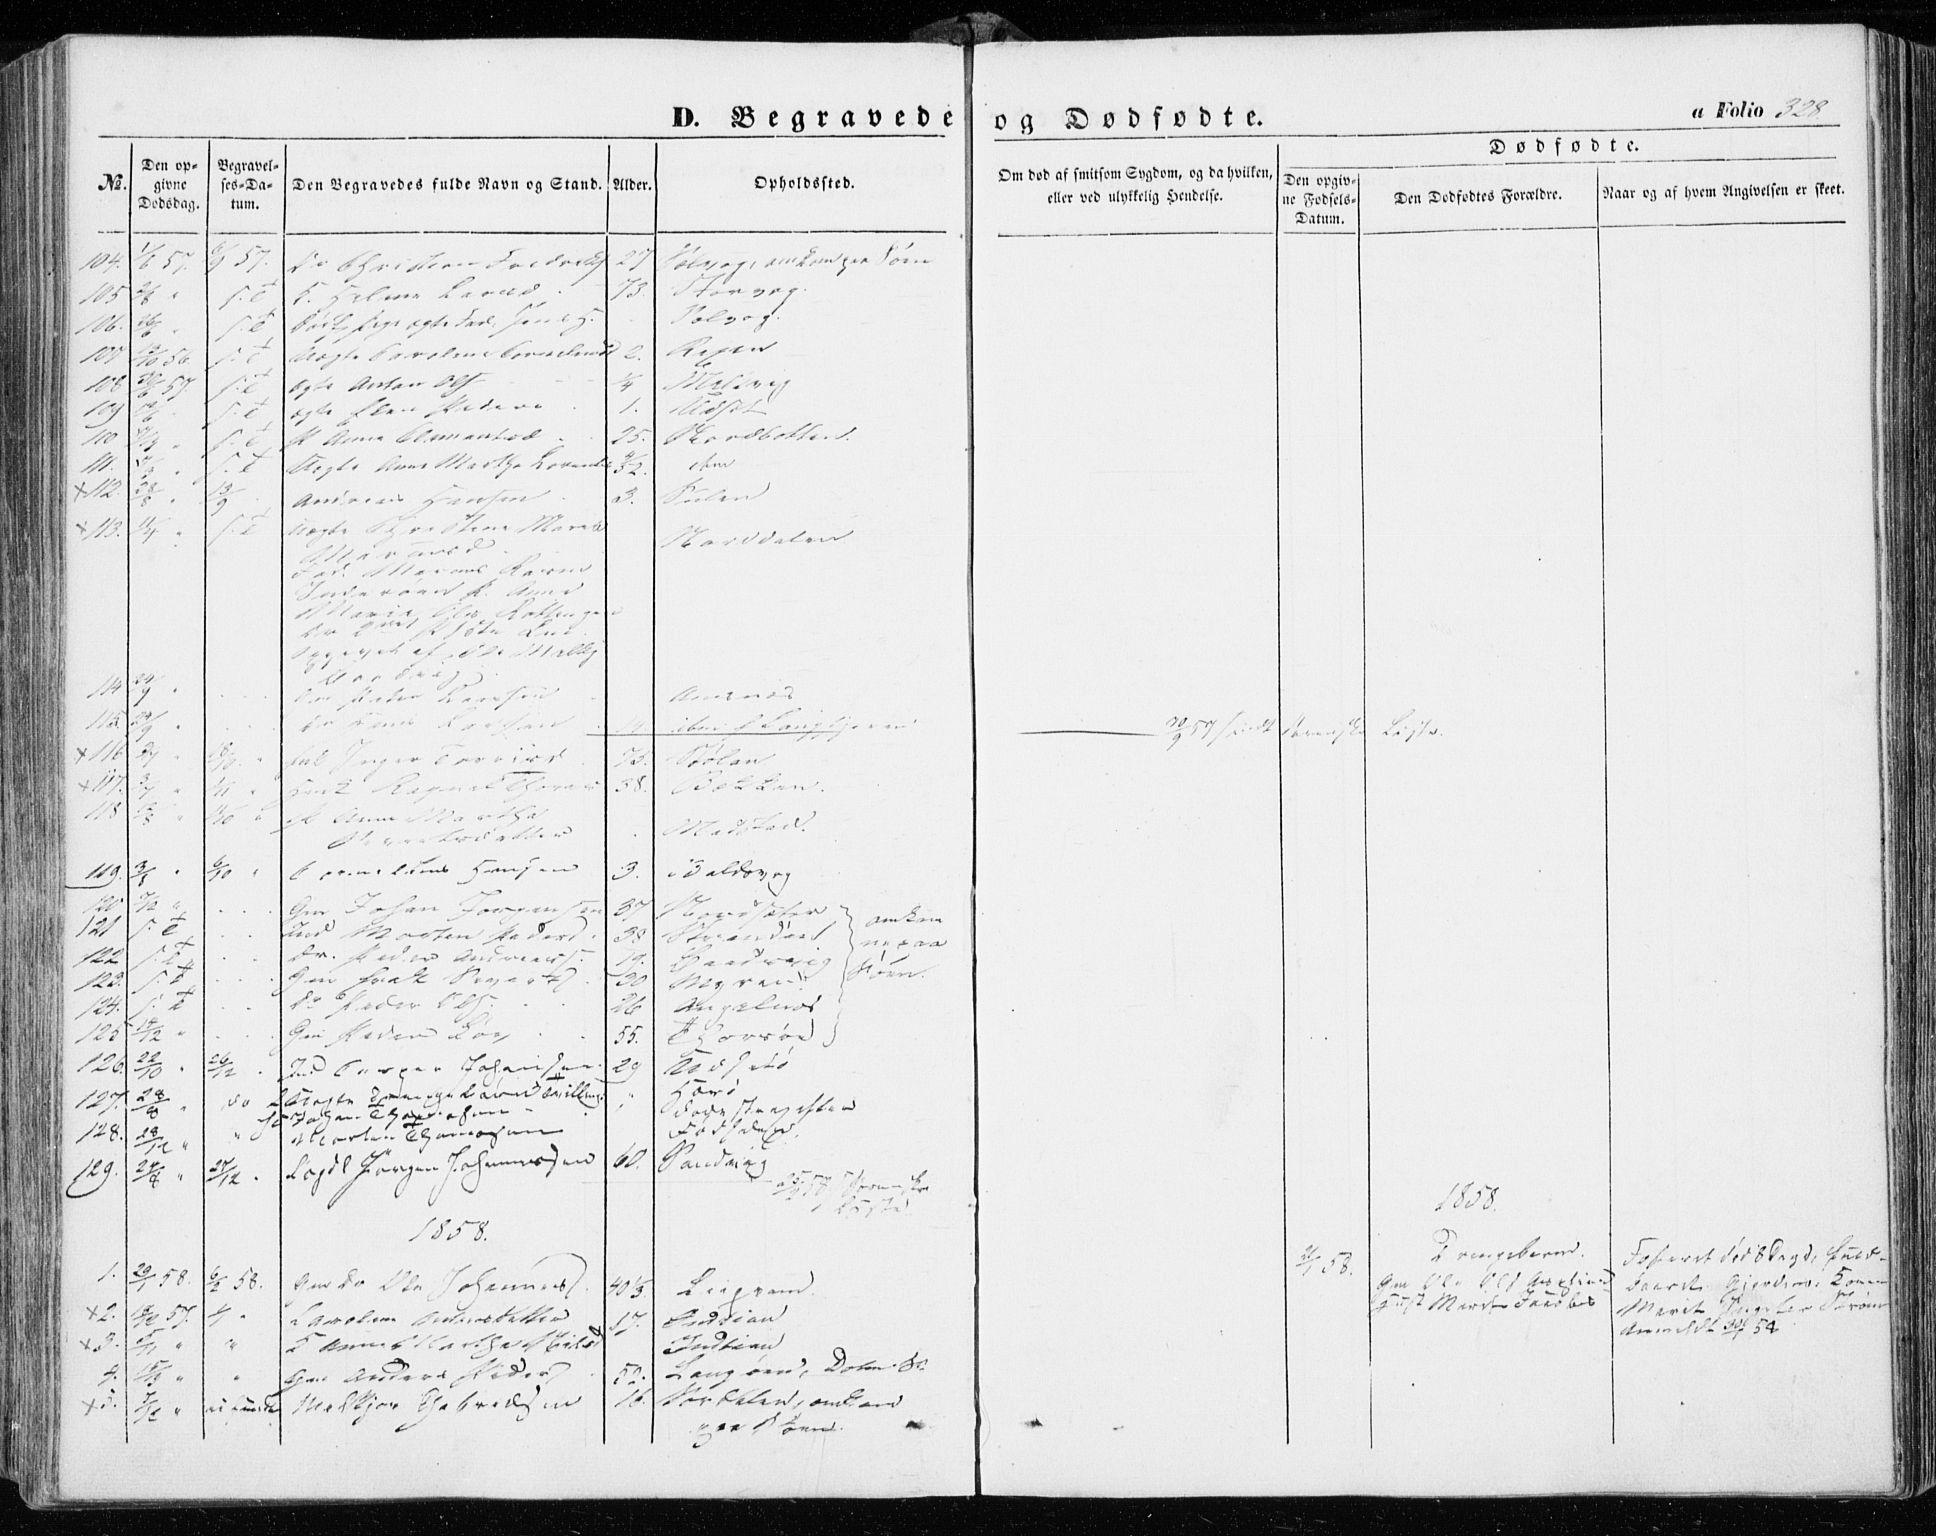 SAT, Ministerialprotokoller, klokkerbøker og fødselsregistre - Sør-Trøndelag, 634/L0530: Ministerialbok nr. 634A06, 1852-1860, s. 328